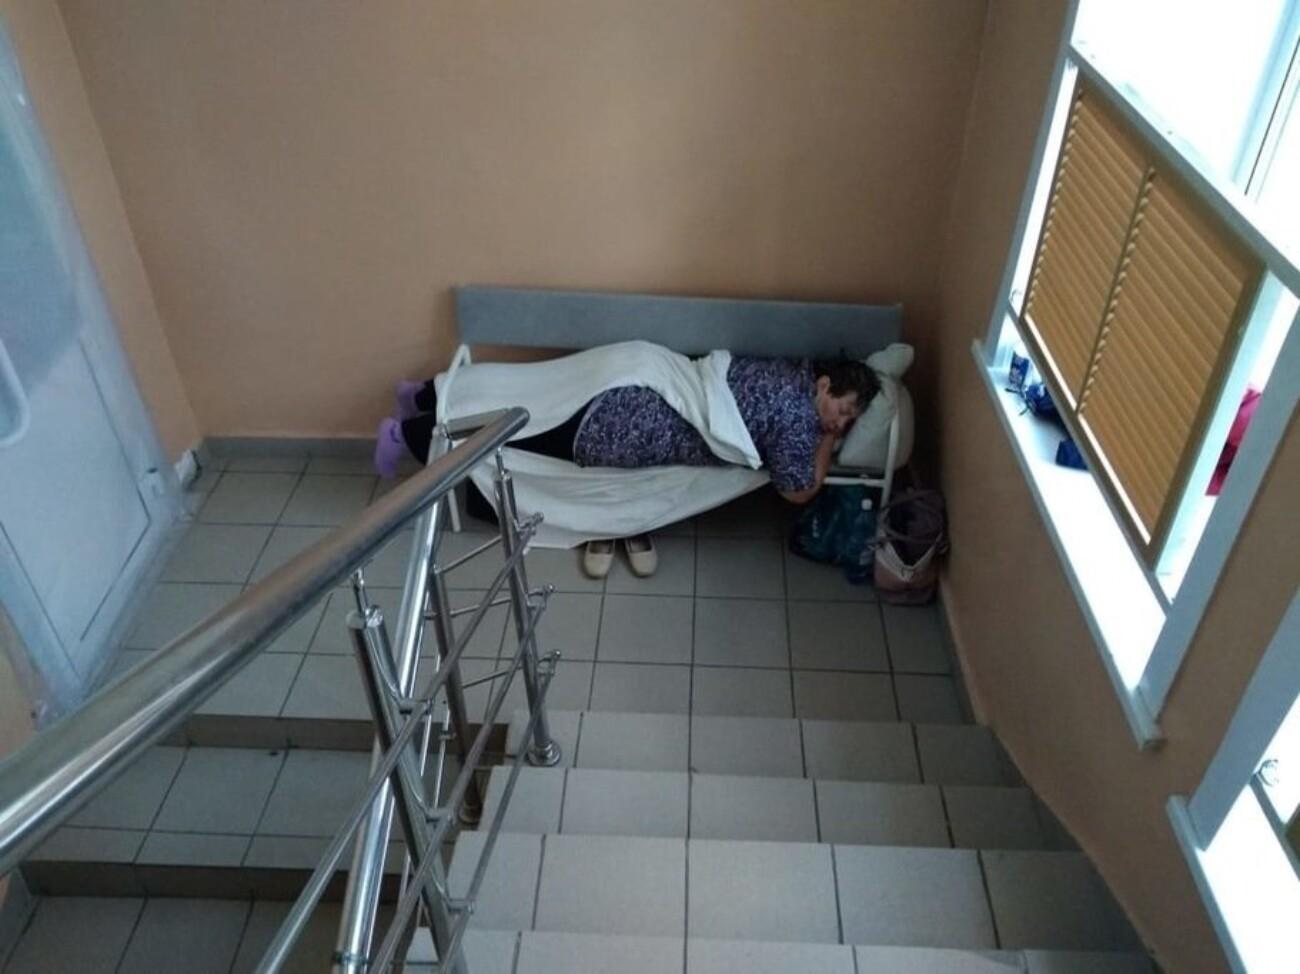 В новосибирской больнице пациентов с Covid-19 разместили на лестничных клетках. Минздрав объяснил это дефицитом мест